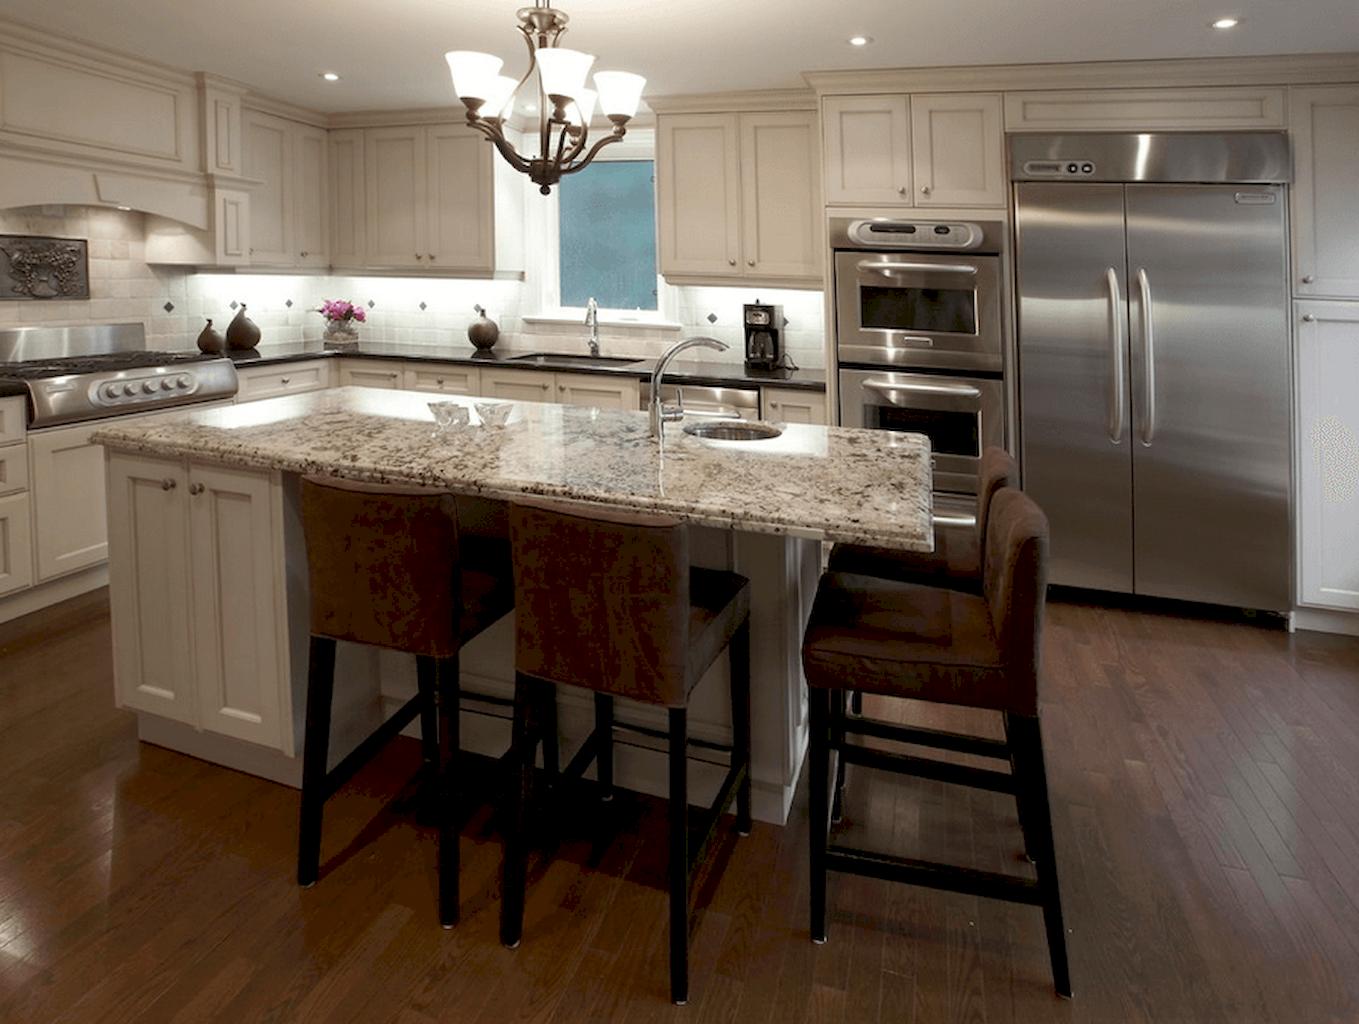 63 Best Designs Dual Purpose Kitchen Island Elonahome Com Kitchen Island With Seating Kitchen Island With Seating For 4 Kitchen Island With Seating For 6